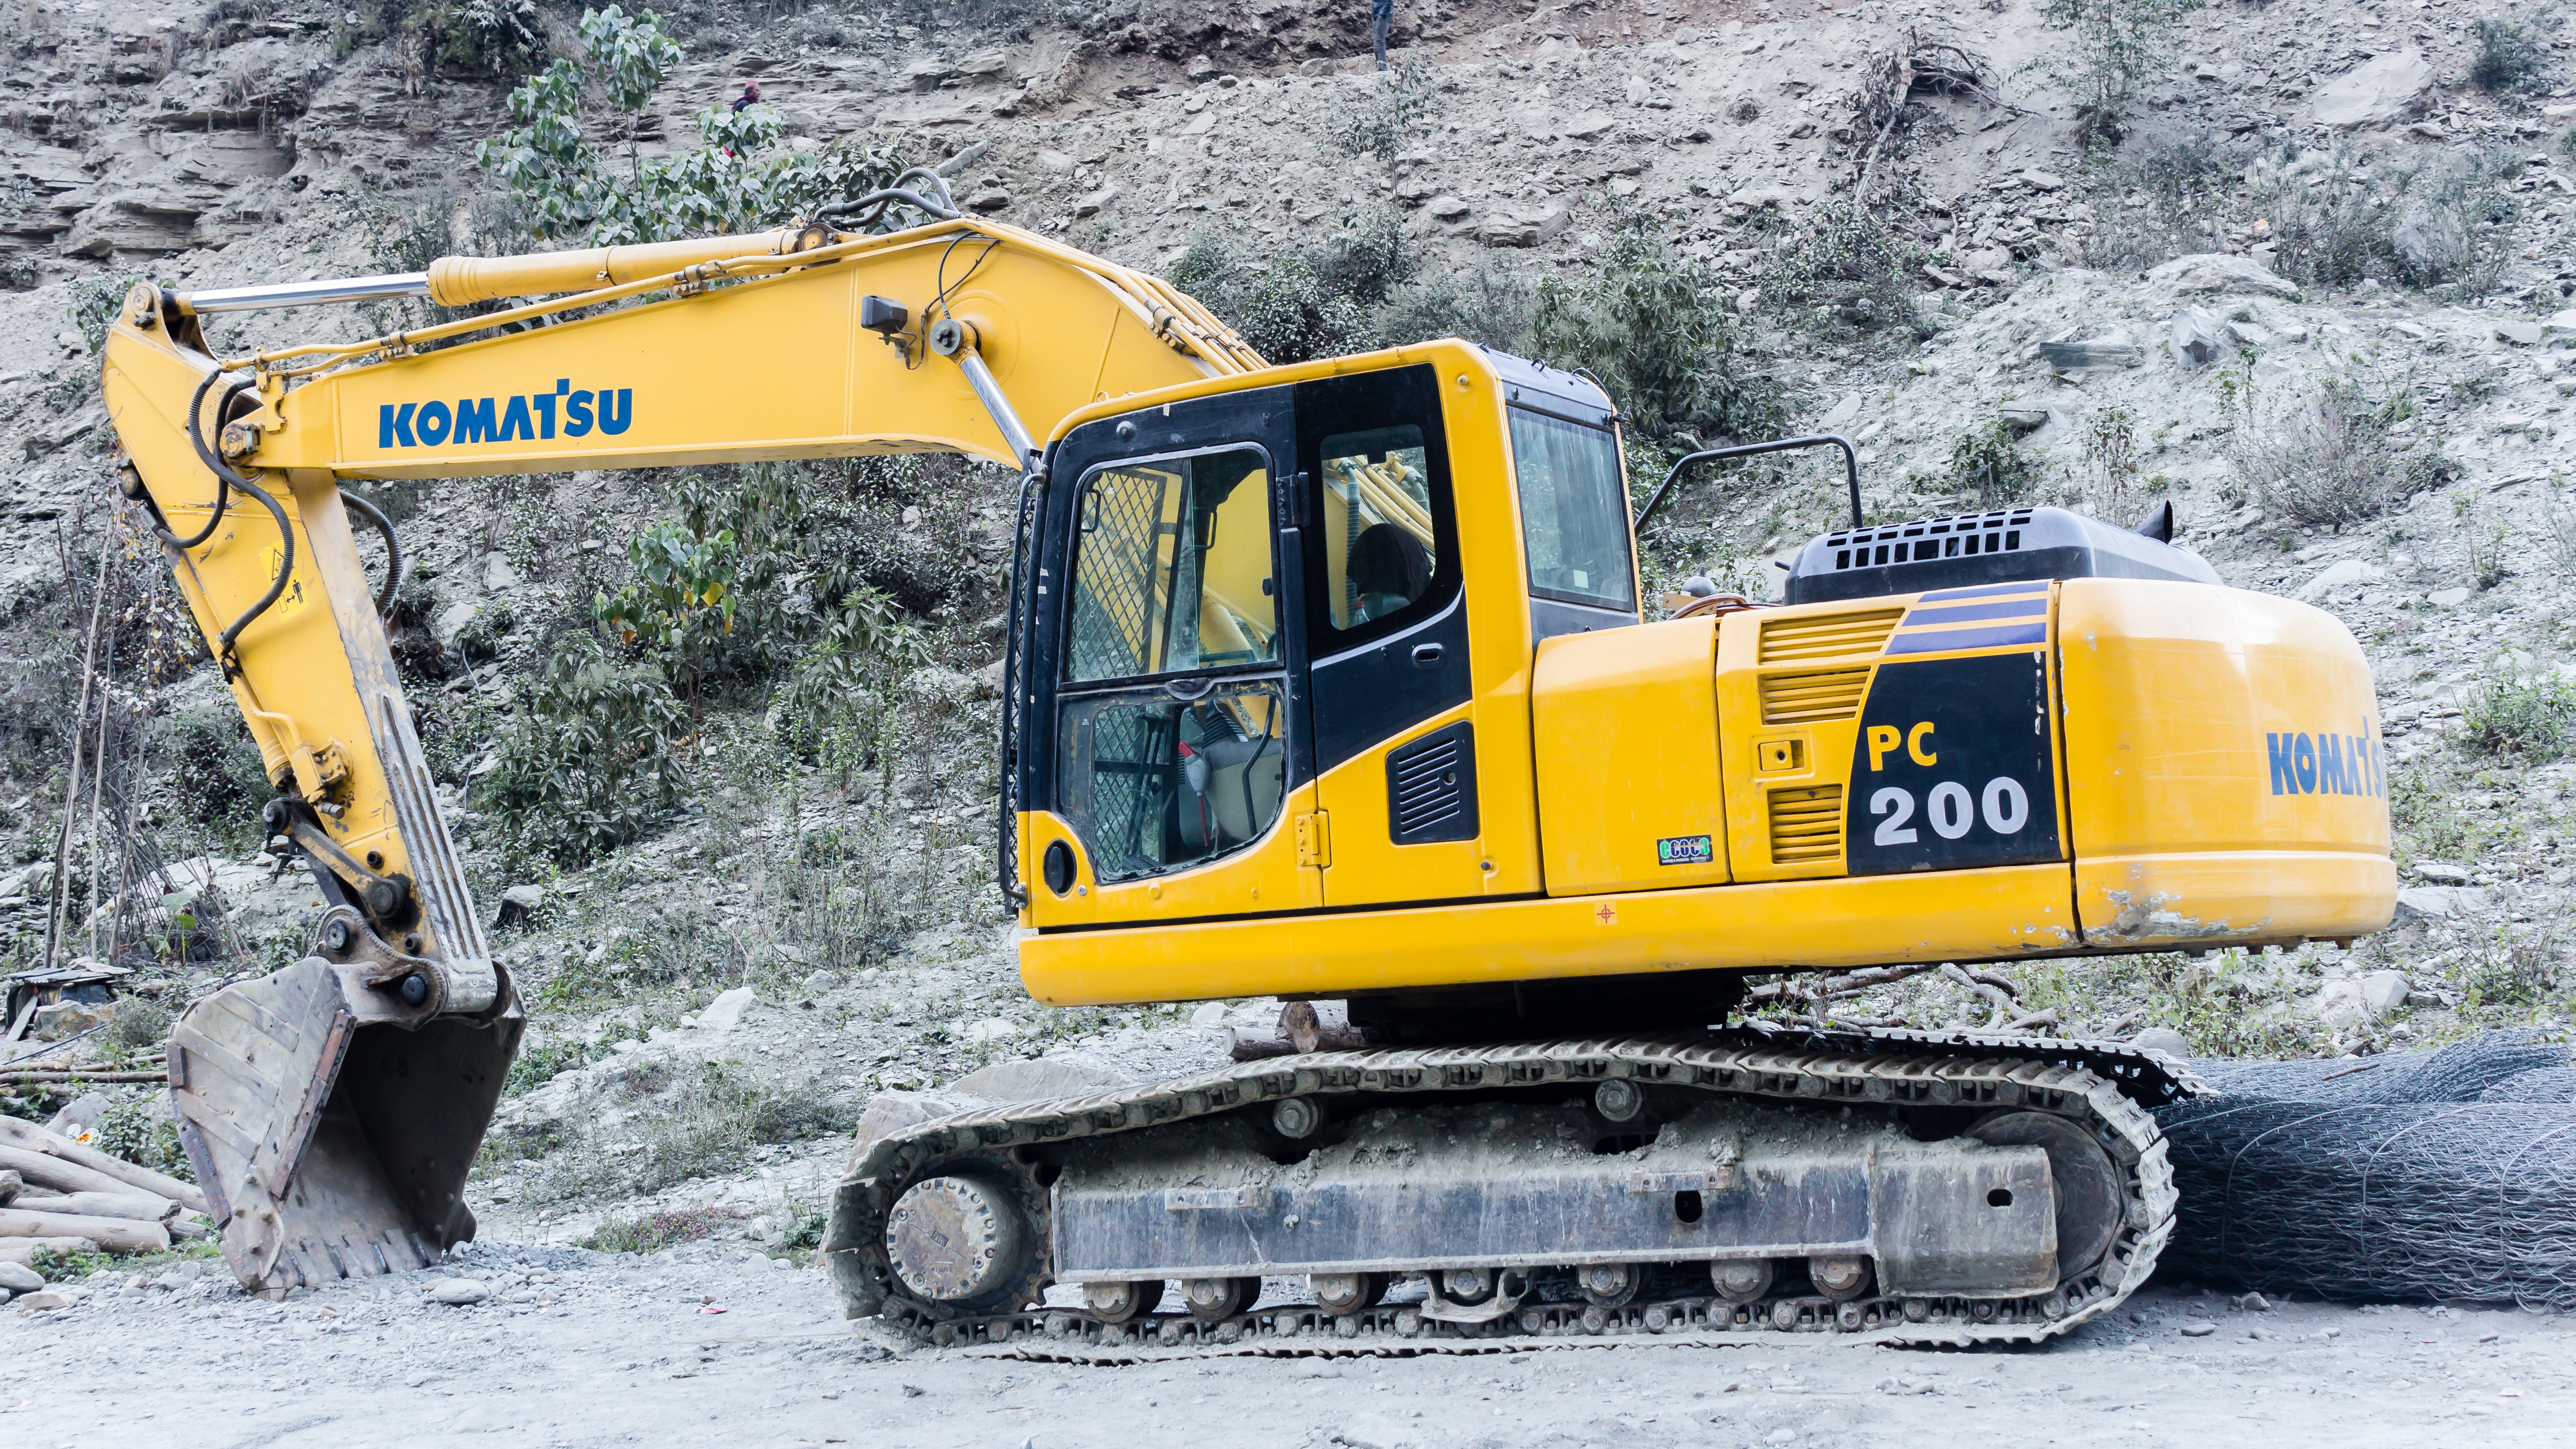 File:Komatsu PC200-8 Hydraulic Excavator -Rakhu Bhagawati